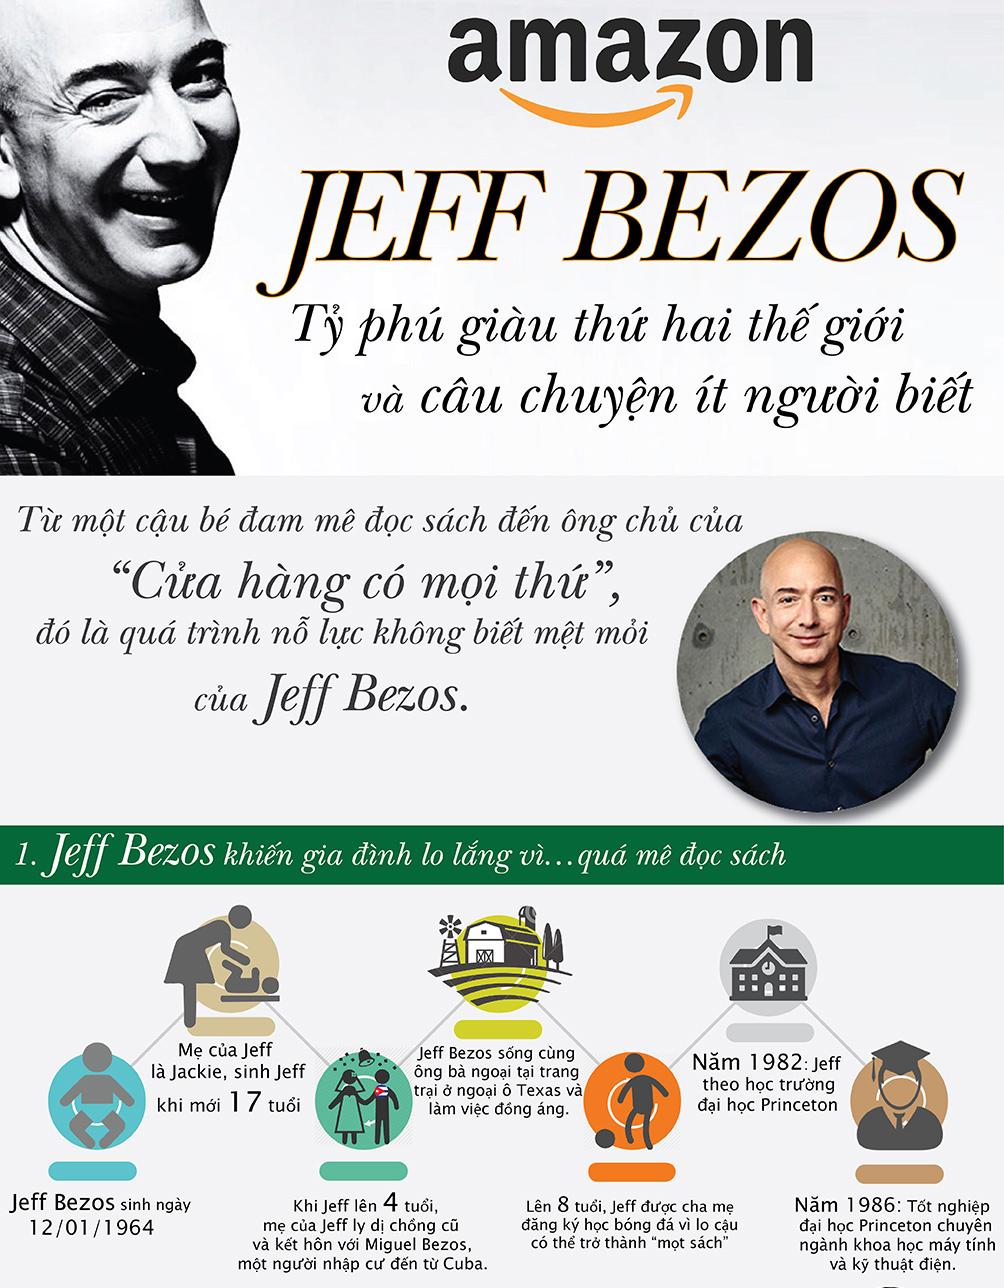 Jeff Bezos - Tỉ phú giàu thứ 2 TG & chuyện ít người biết đến - 1